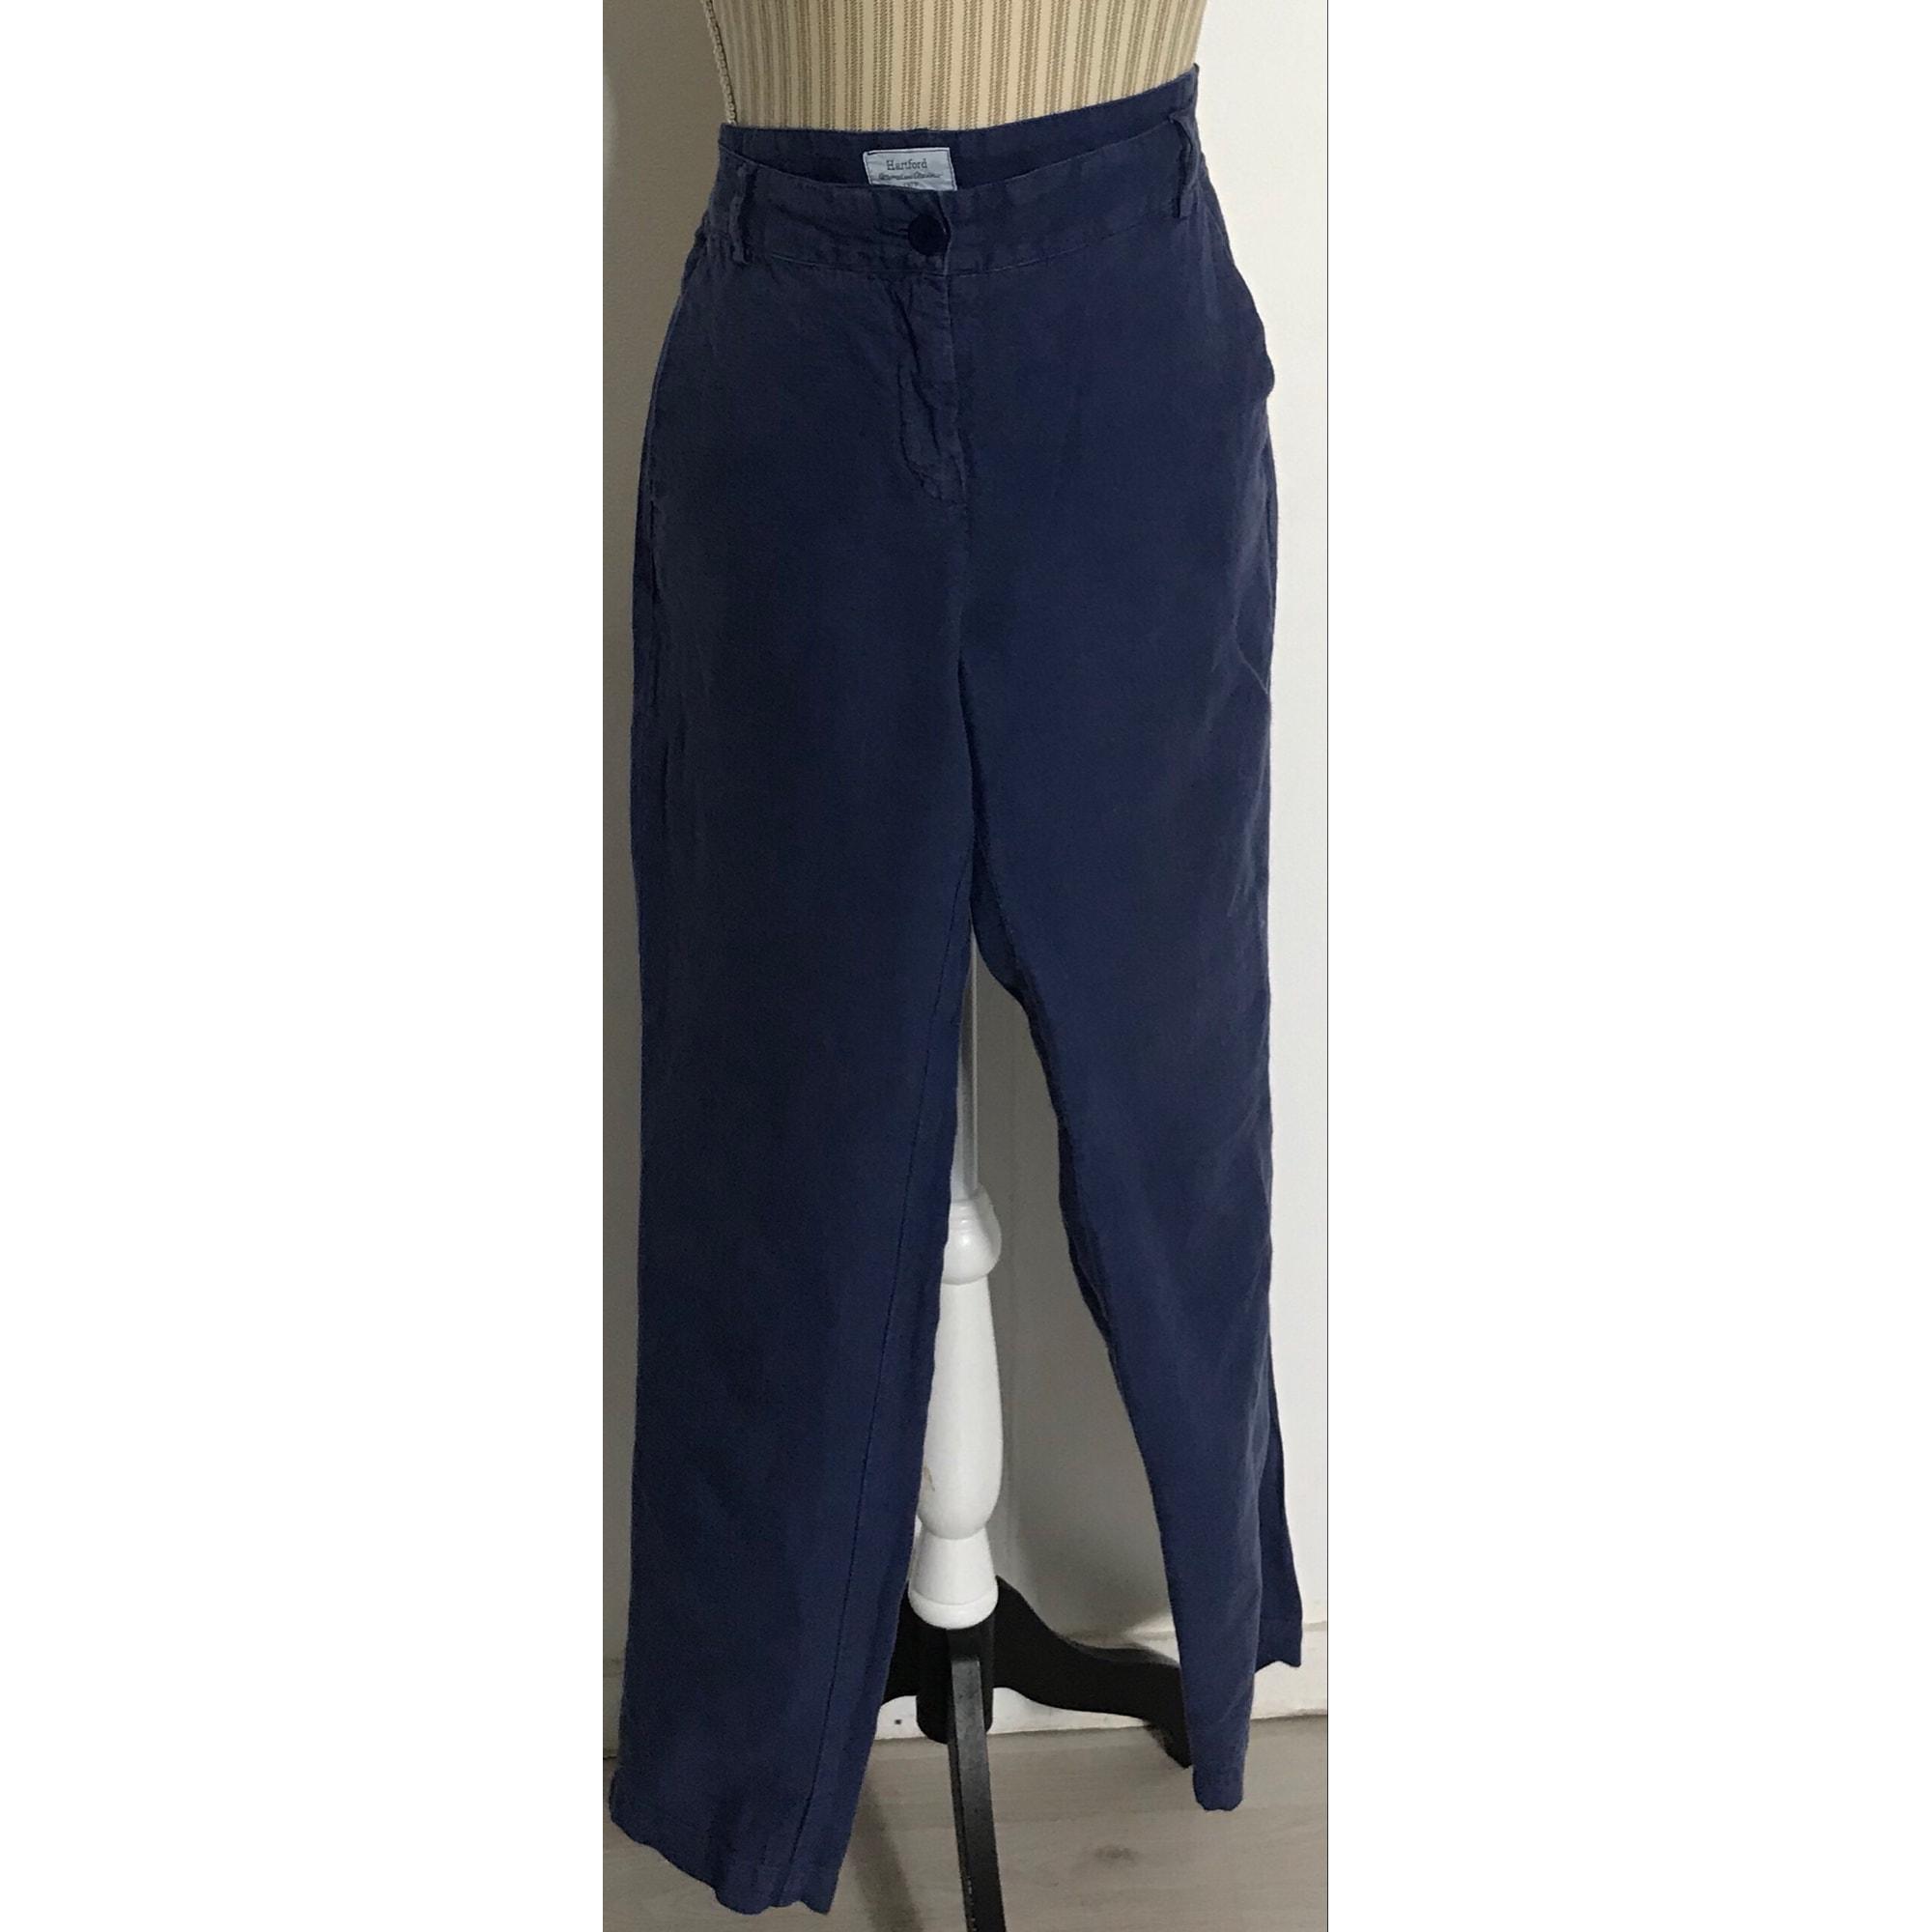 Pantalon droit HARTFORD Bleu, bleu marine, bleu turquoise